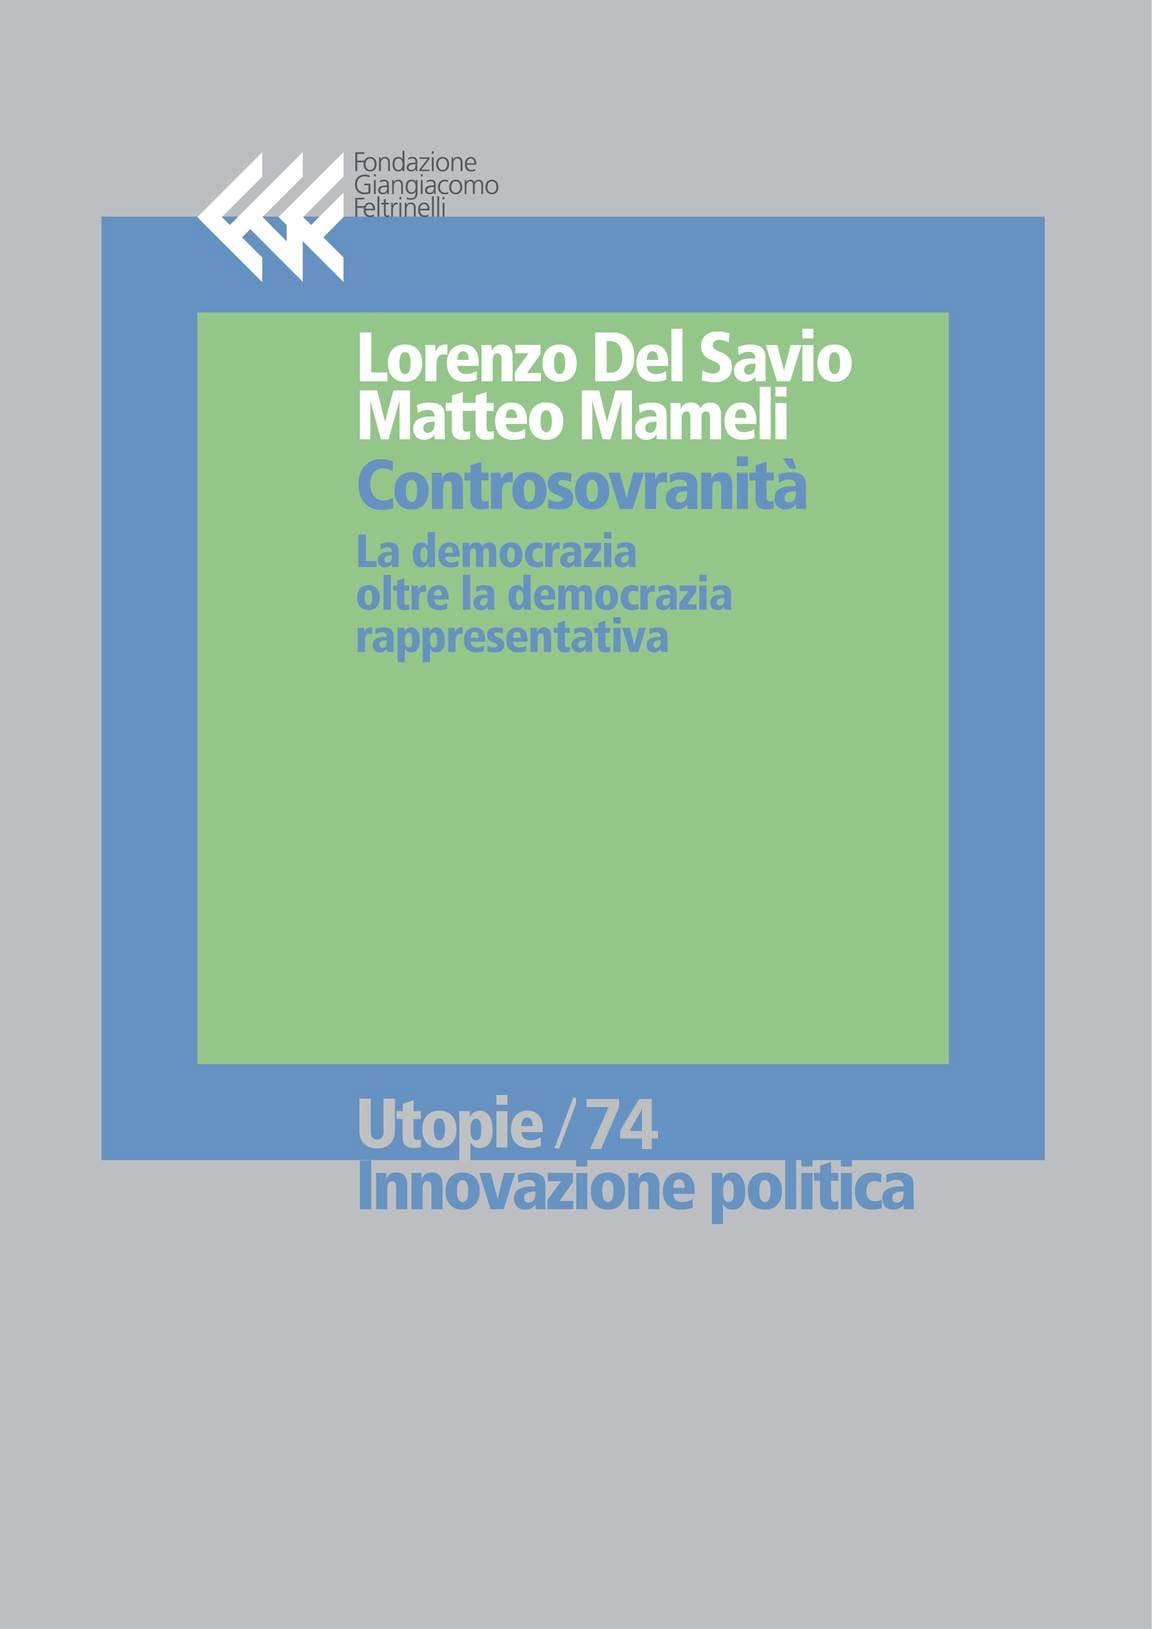 copertina_innovazione_politica